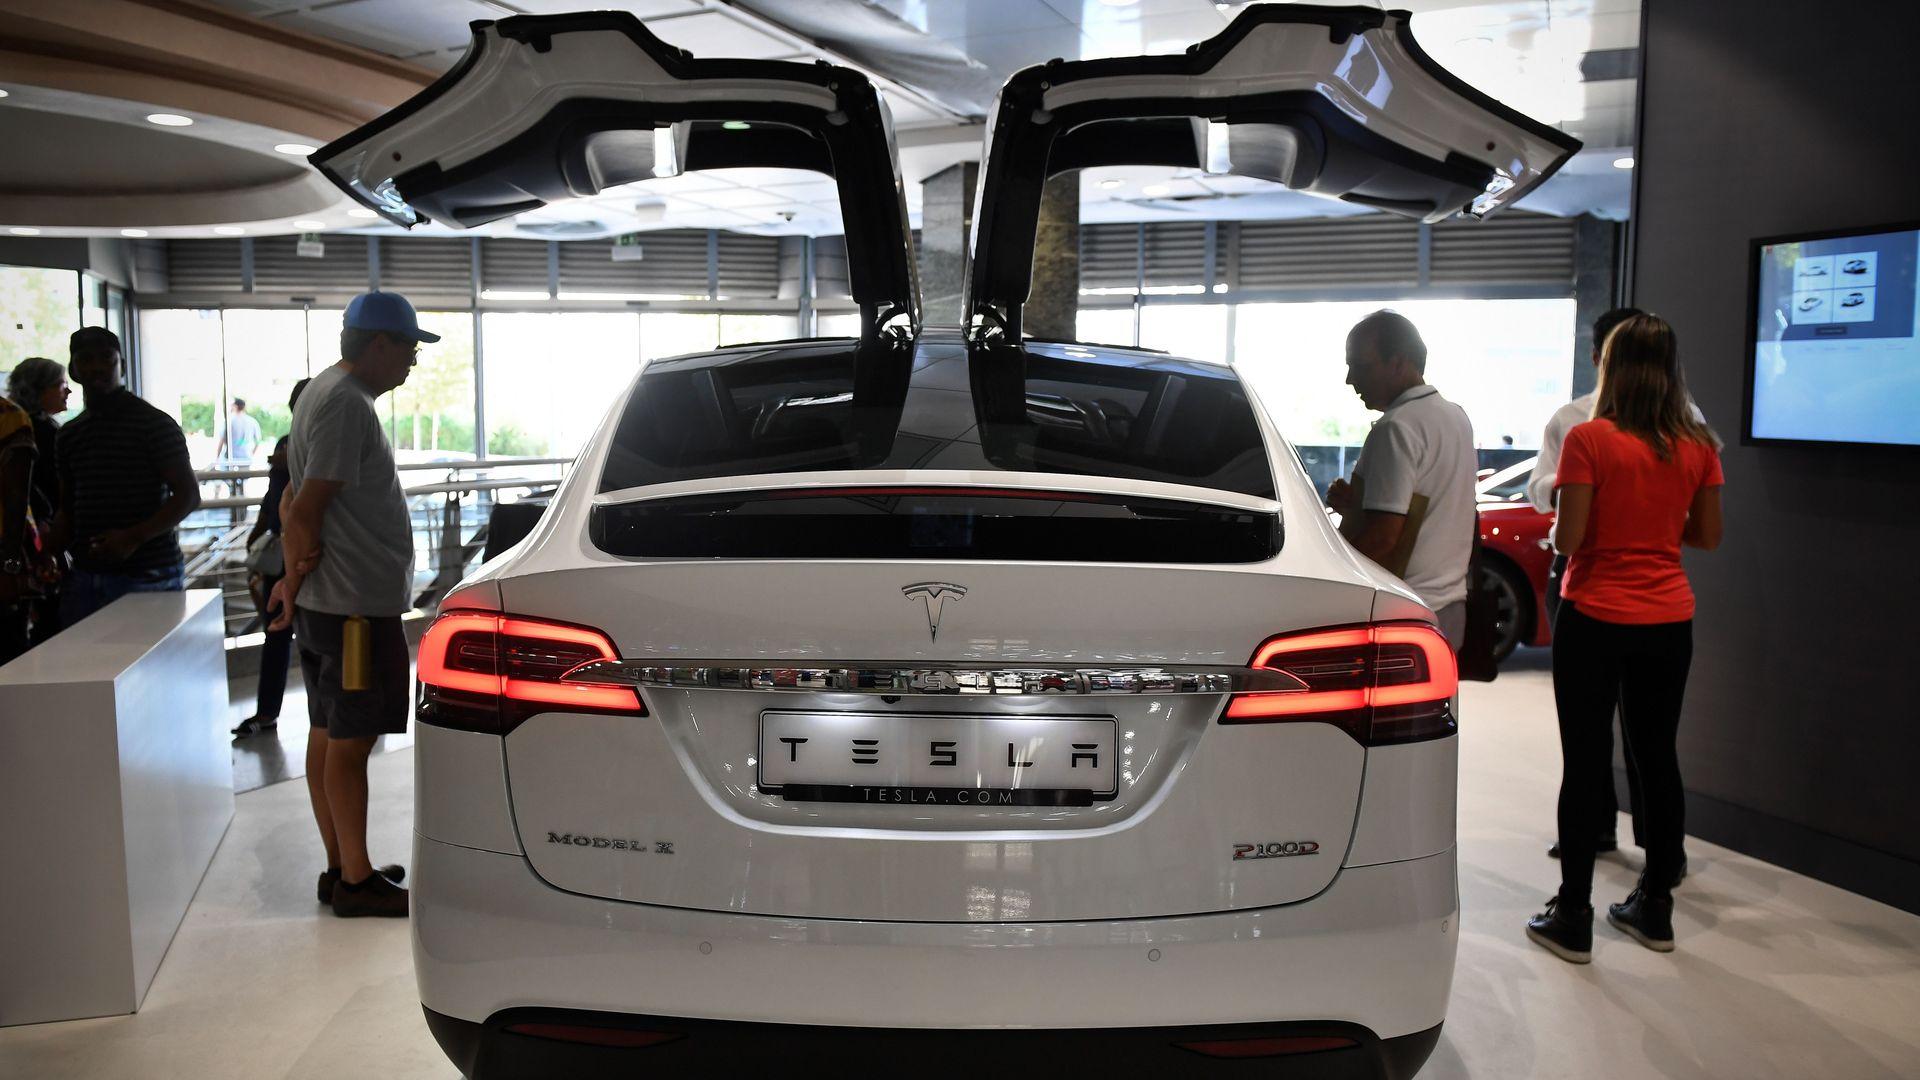 Tesla car in a ashowroom